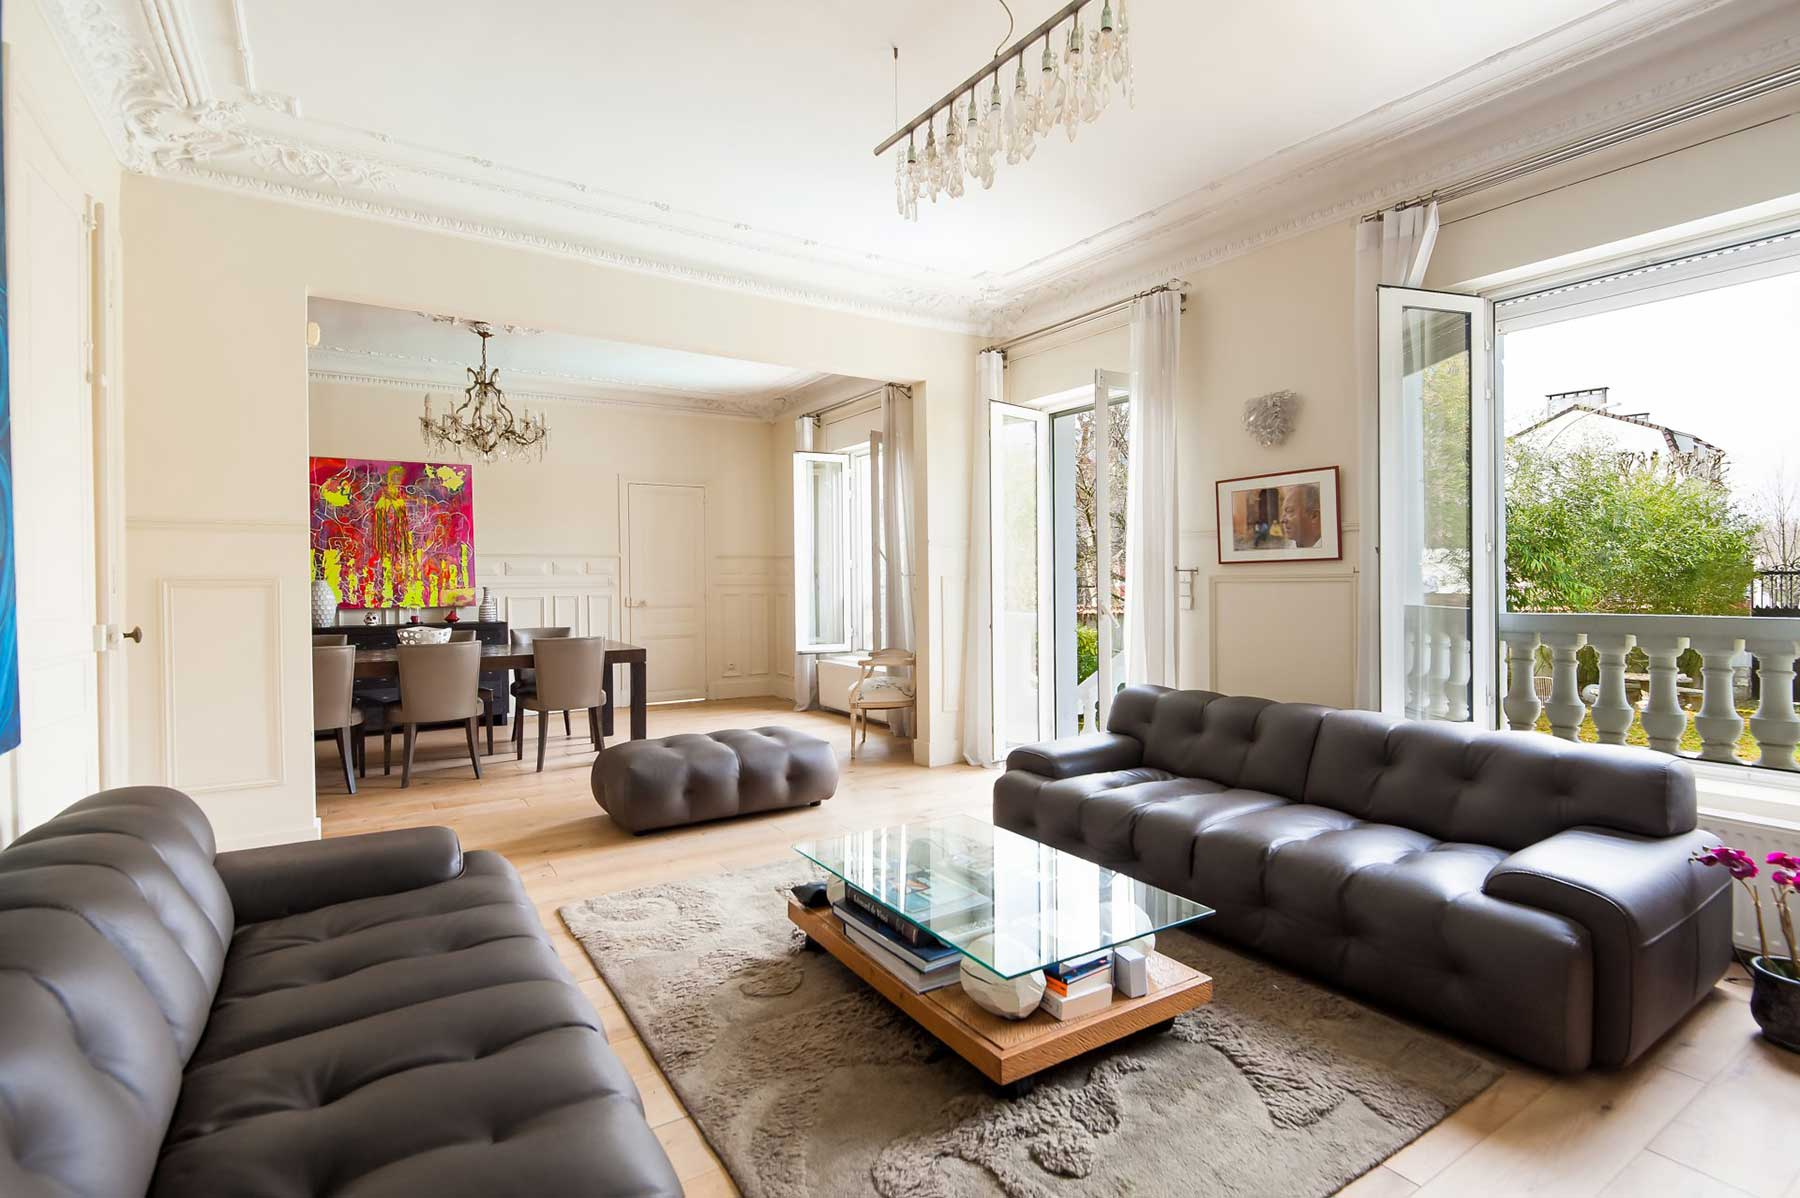 Saint-Maur-des-Fossés - France - House , 9 rooms, 6 bedrooms - Slideshow Picture 3